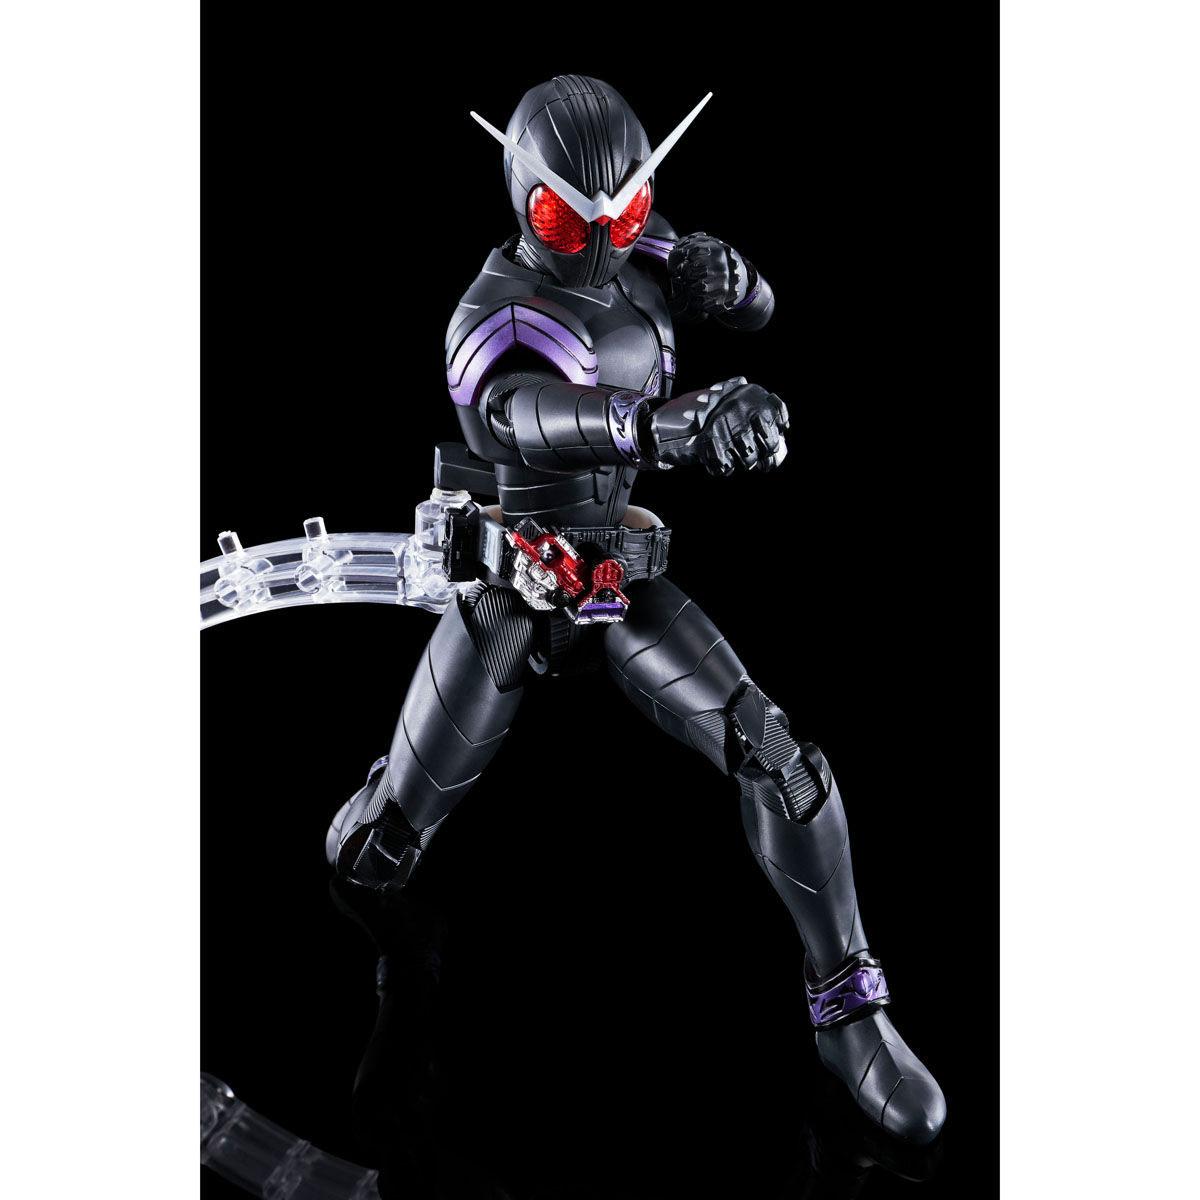 【限定販売】Figure-rise Standard『仮面ライダージョーカー』仮面ライダーW プラモデル-004